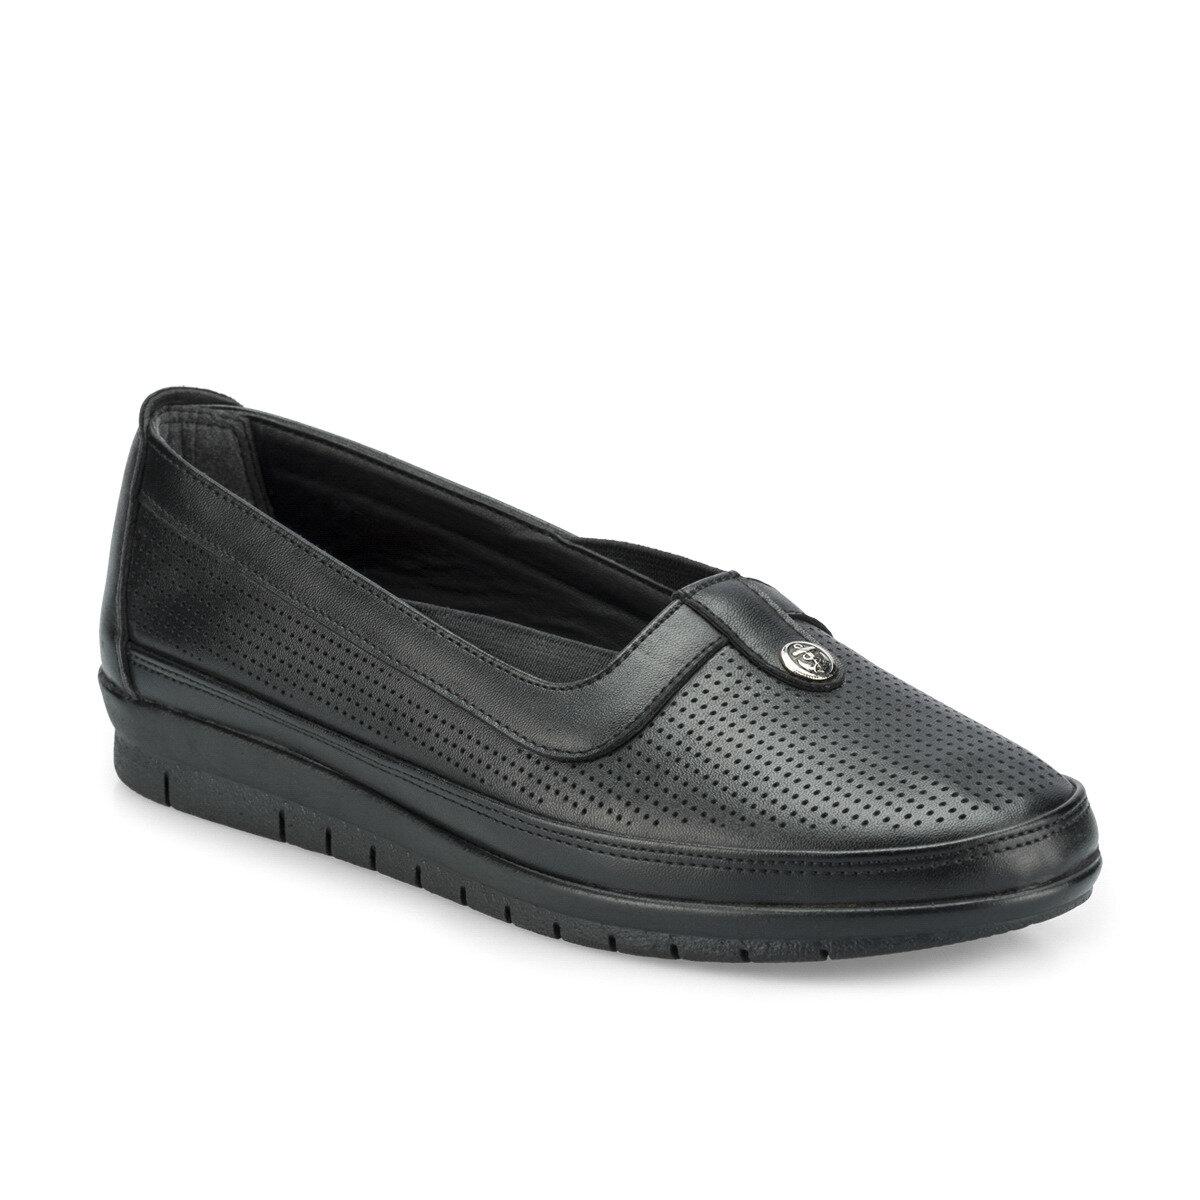 FLO 161212.Z Черная женская обувь Polaris